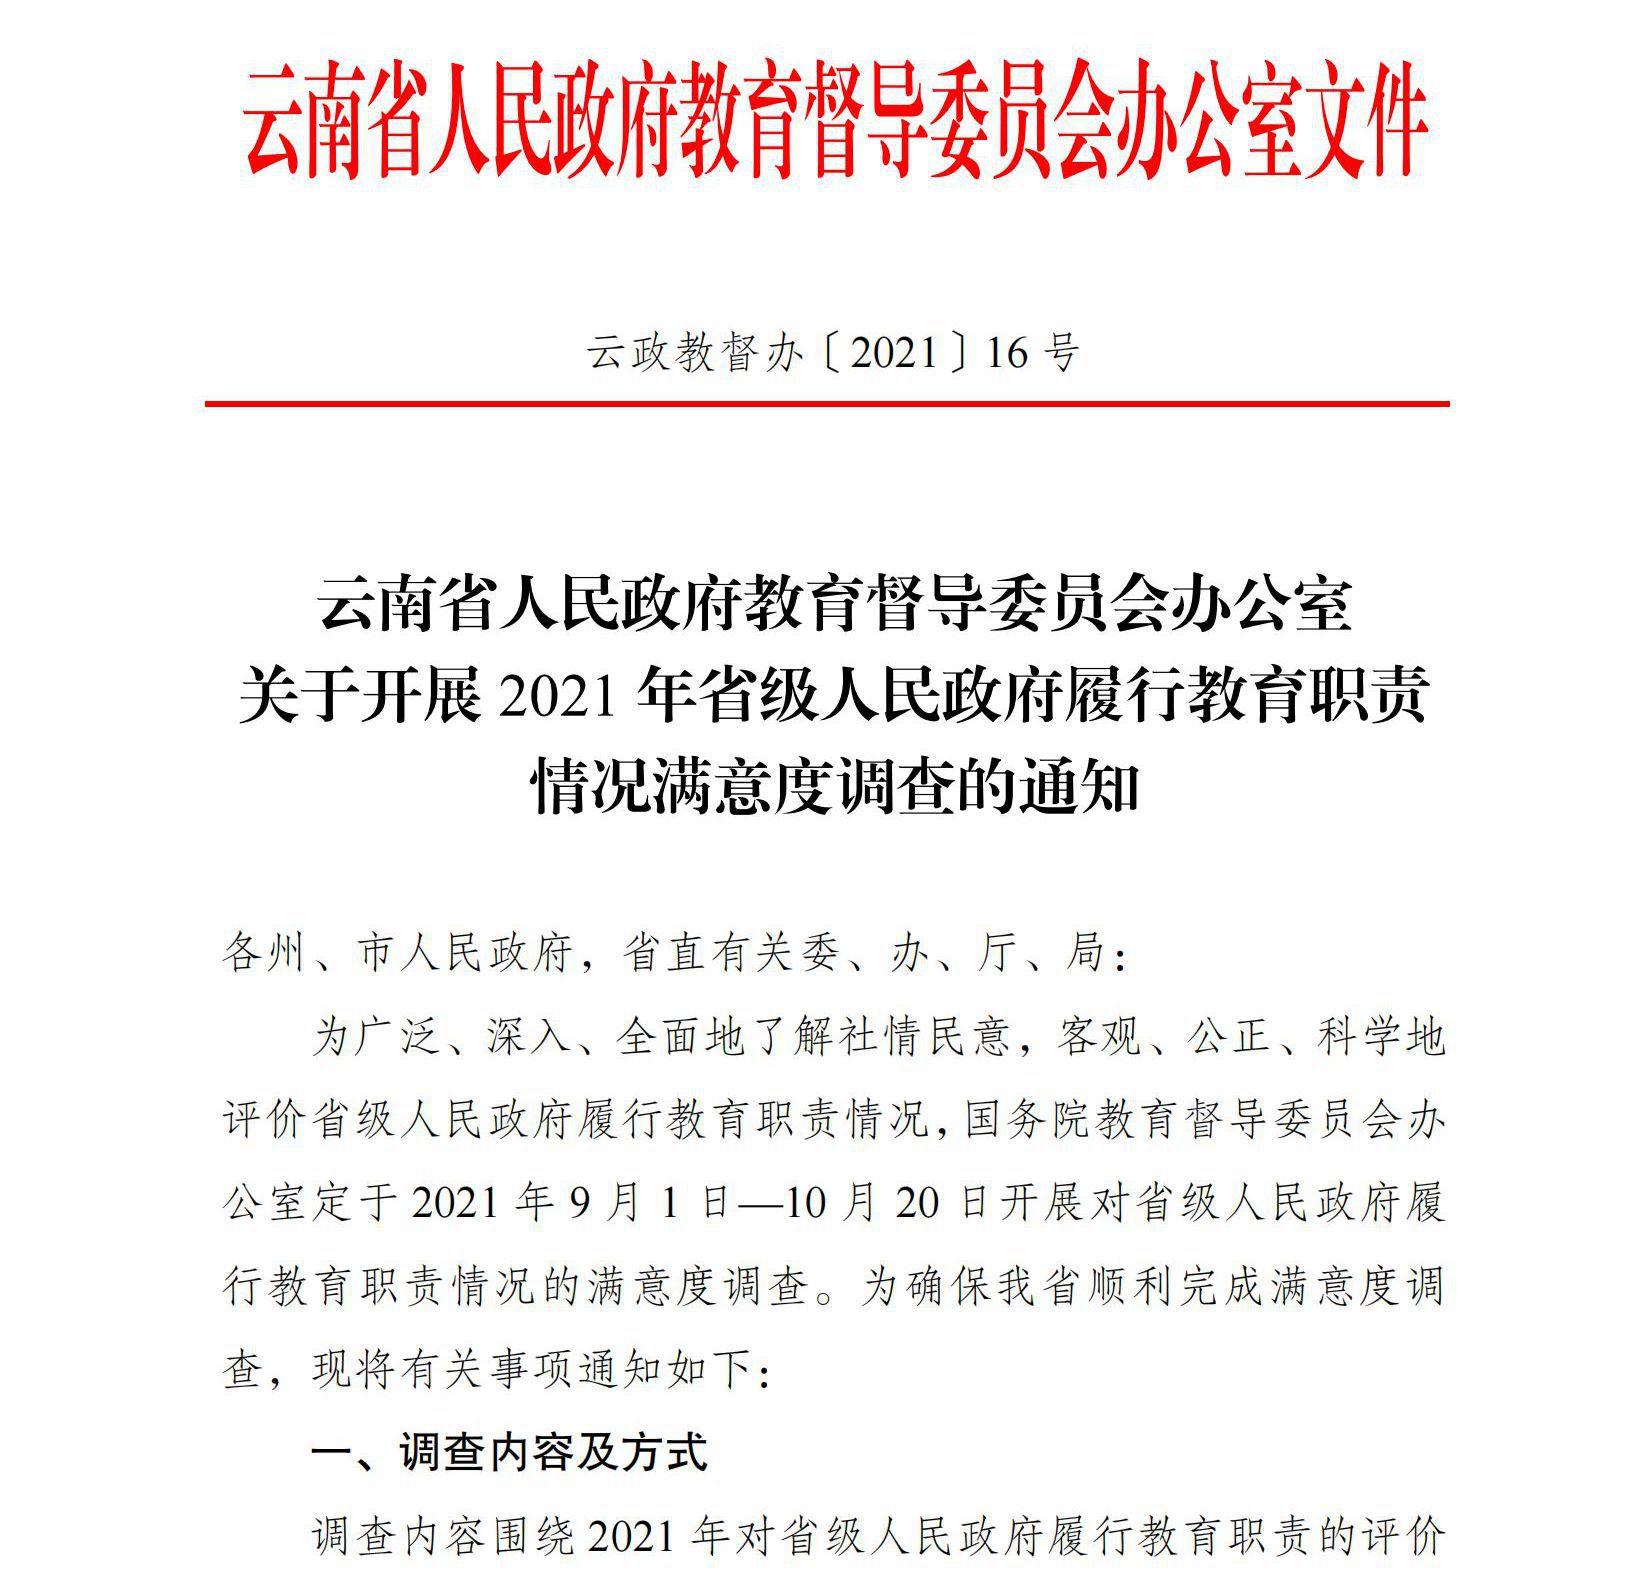 云南省教育督导委员会办公室关于开展2021年省级人民政府履行教育职责情况满意度调查的通知_1_副本.jpg